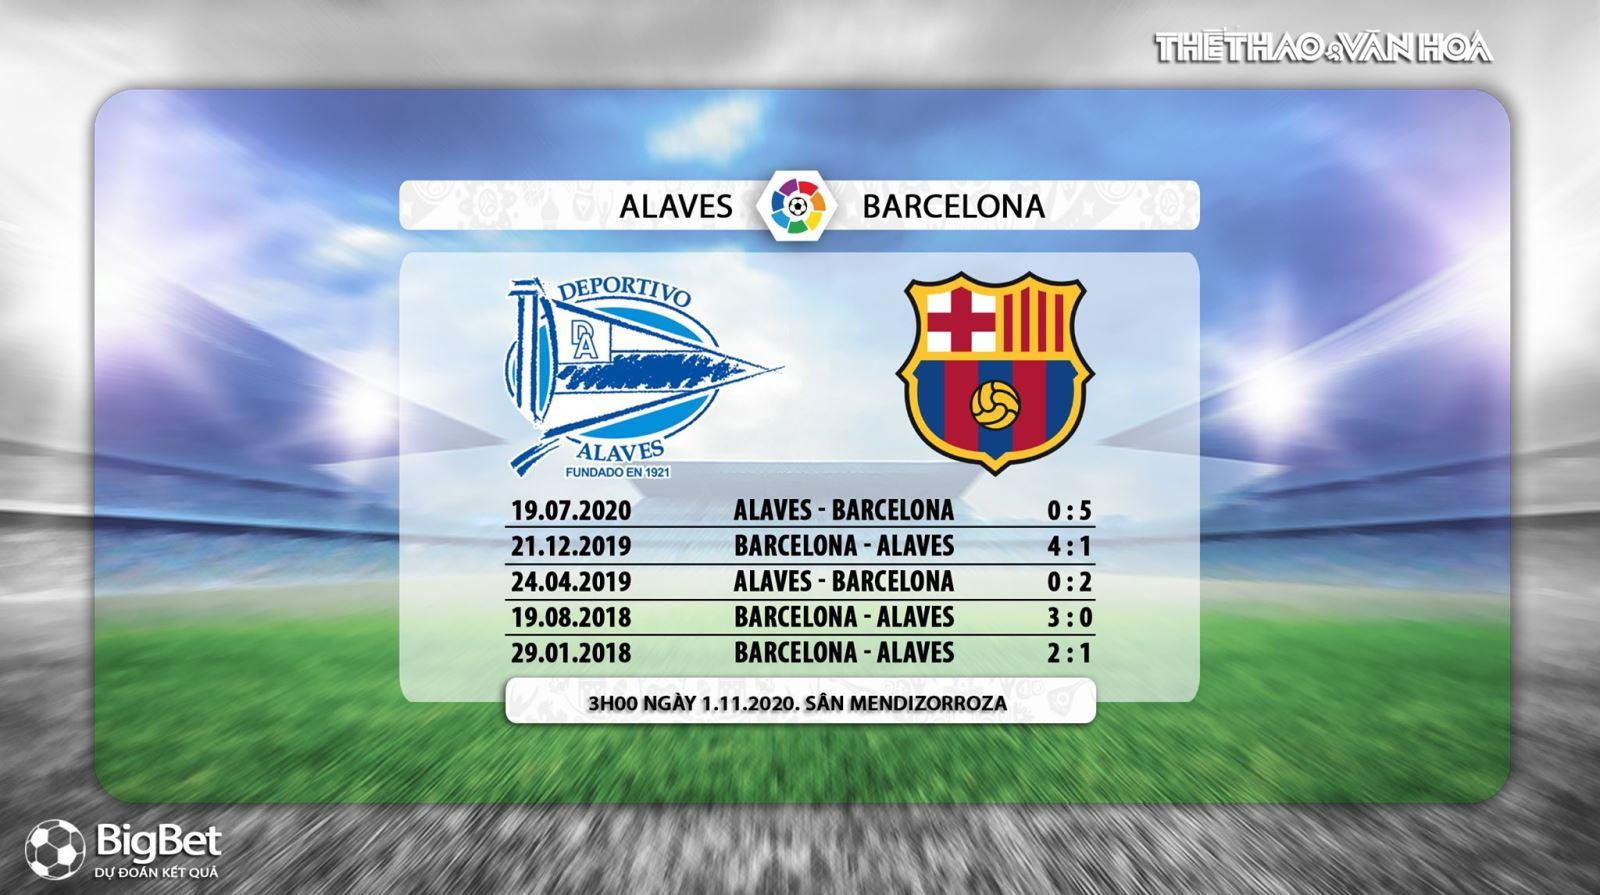 Keo nha cai, kèo nhà cái, Alaves vs Barcelona, Trực tiếp bóng đá, Vòng 8 La Liga, BĐTV, trực tiếp bóng đá hôm nay, tin bóng đá, soi kèo Alaves đấu với Barcelona, Barca